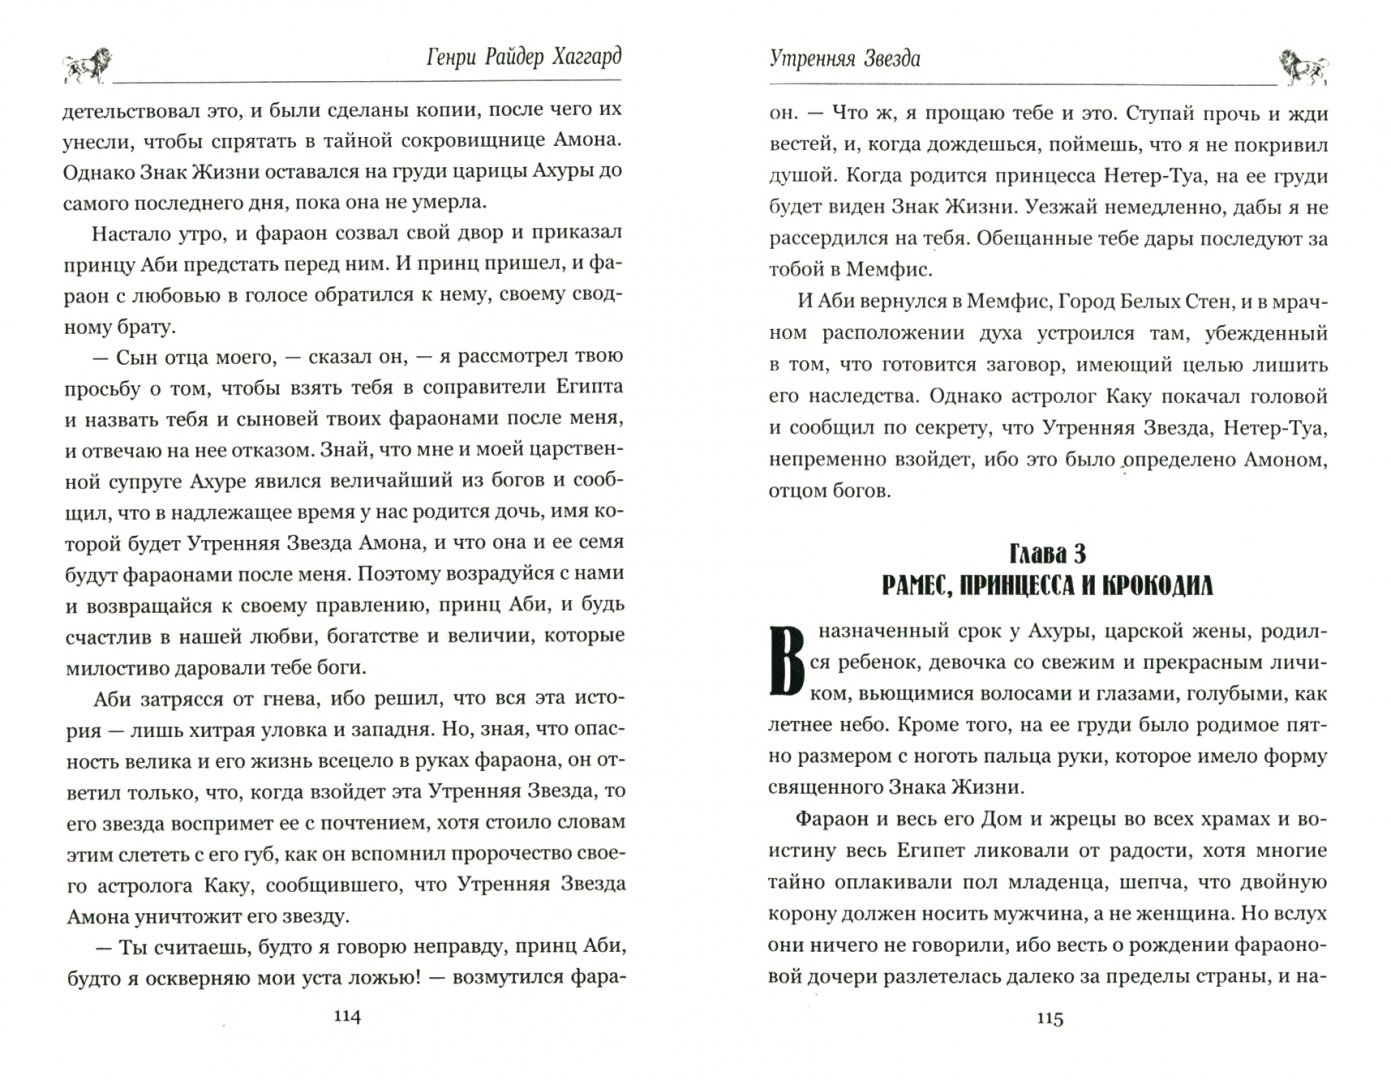 Иллюстрация 1 из 32 для Утренняя Звезда. Суд фараонов - Генри Хаггард | Лабиринт - книги. Источник: Лабиринт